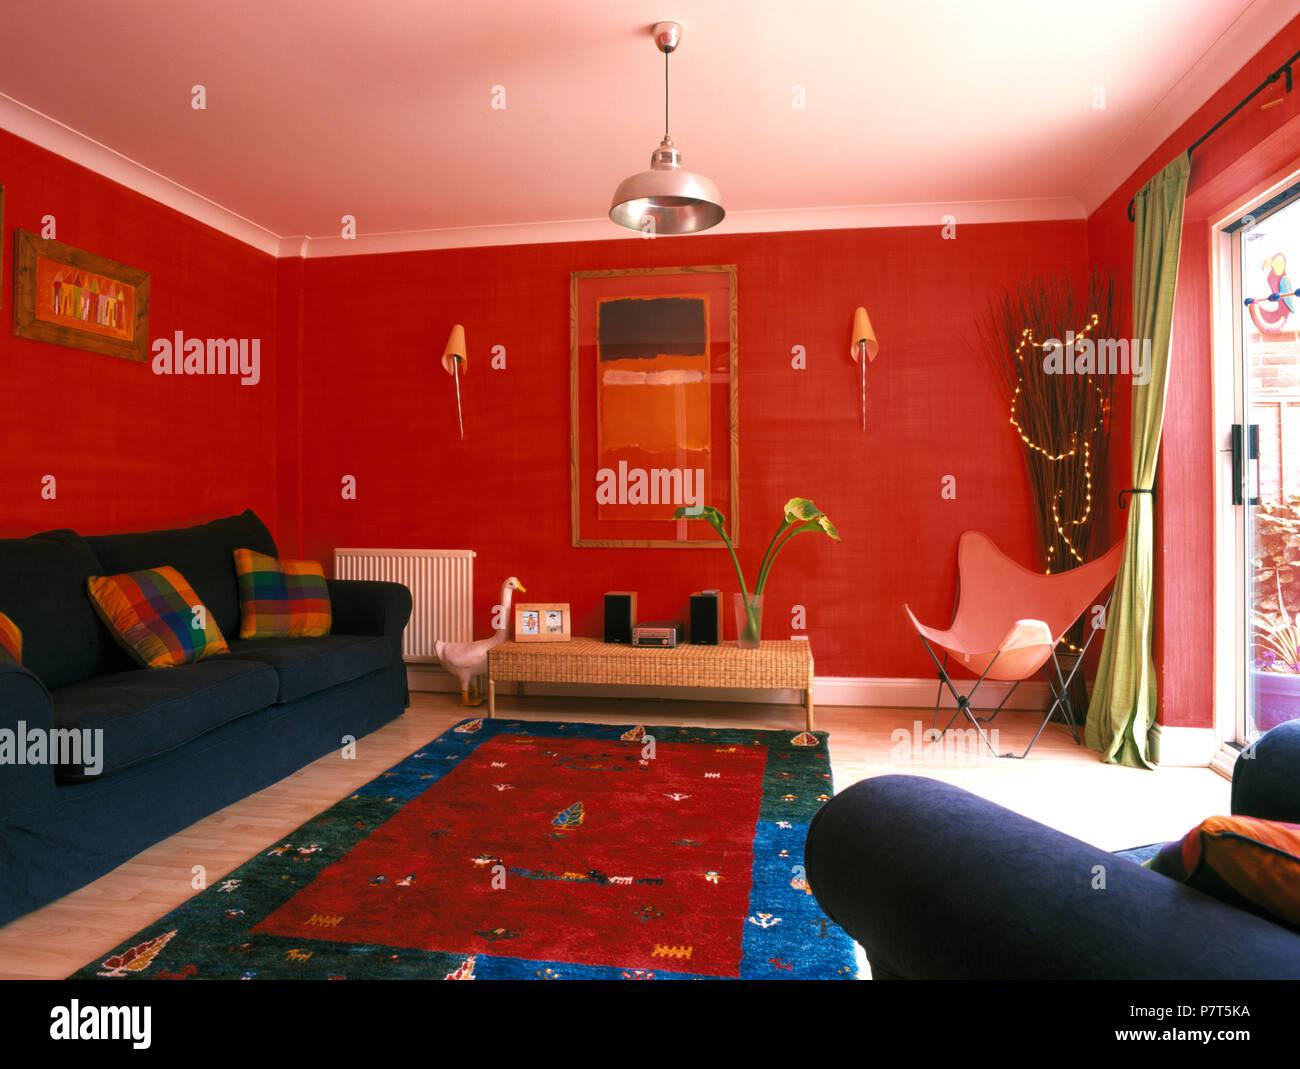 Rot + blau Teppich und blauen Sofa in leuchtend roten 90er Jahre ...